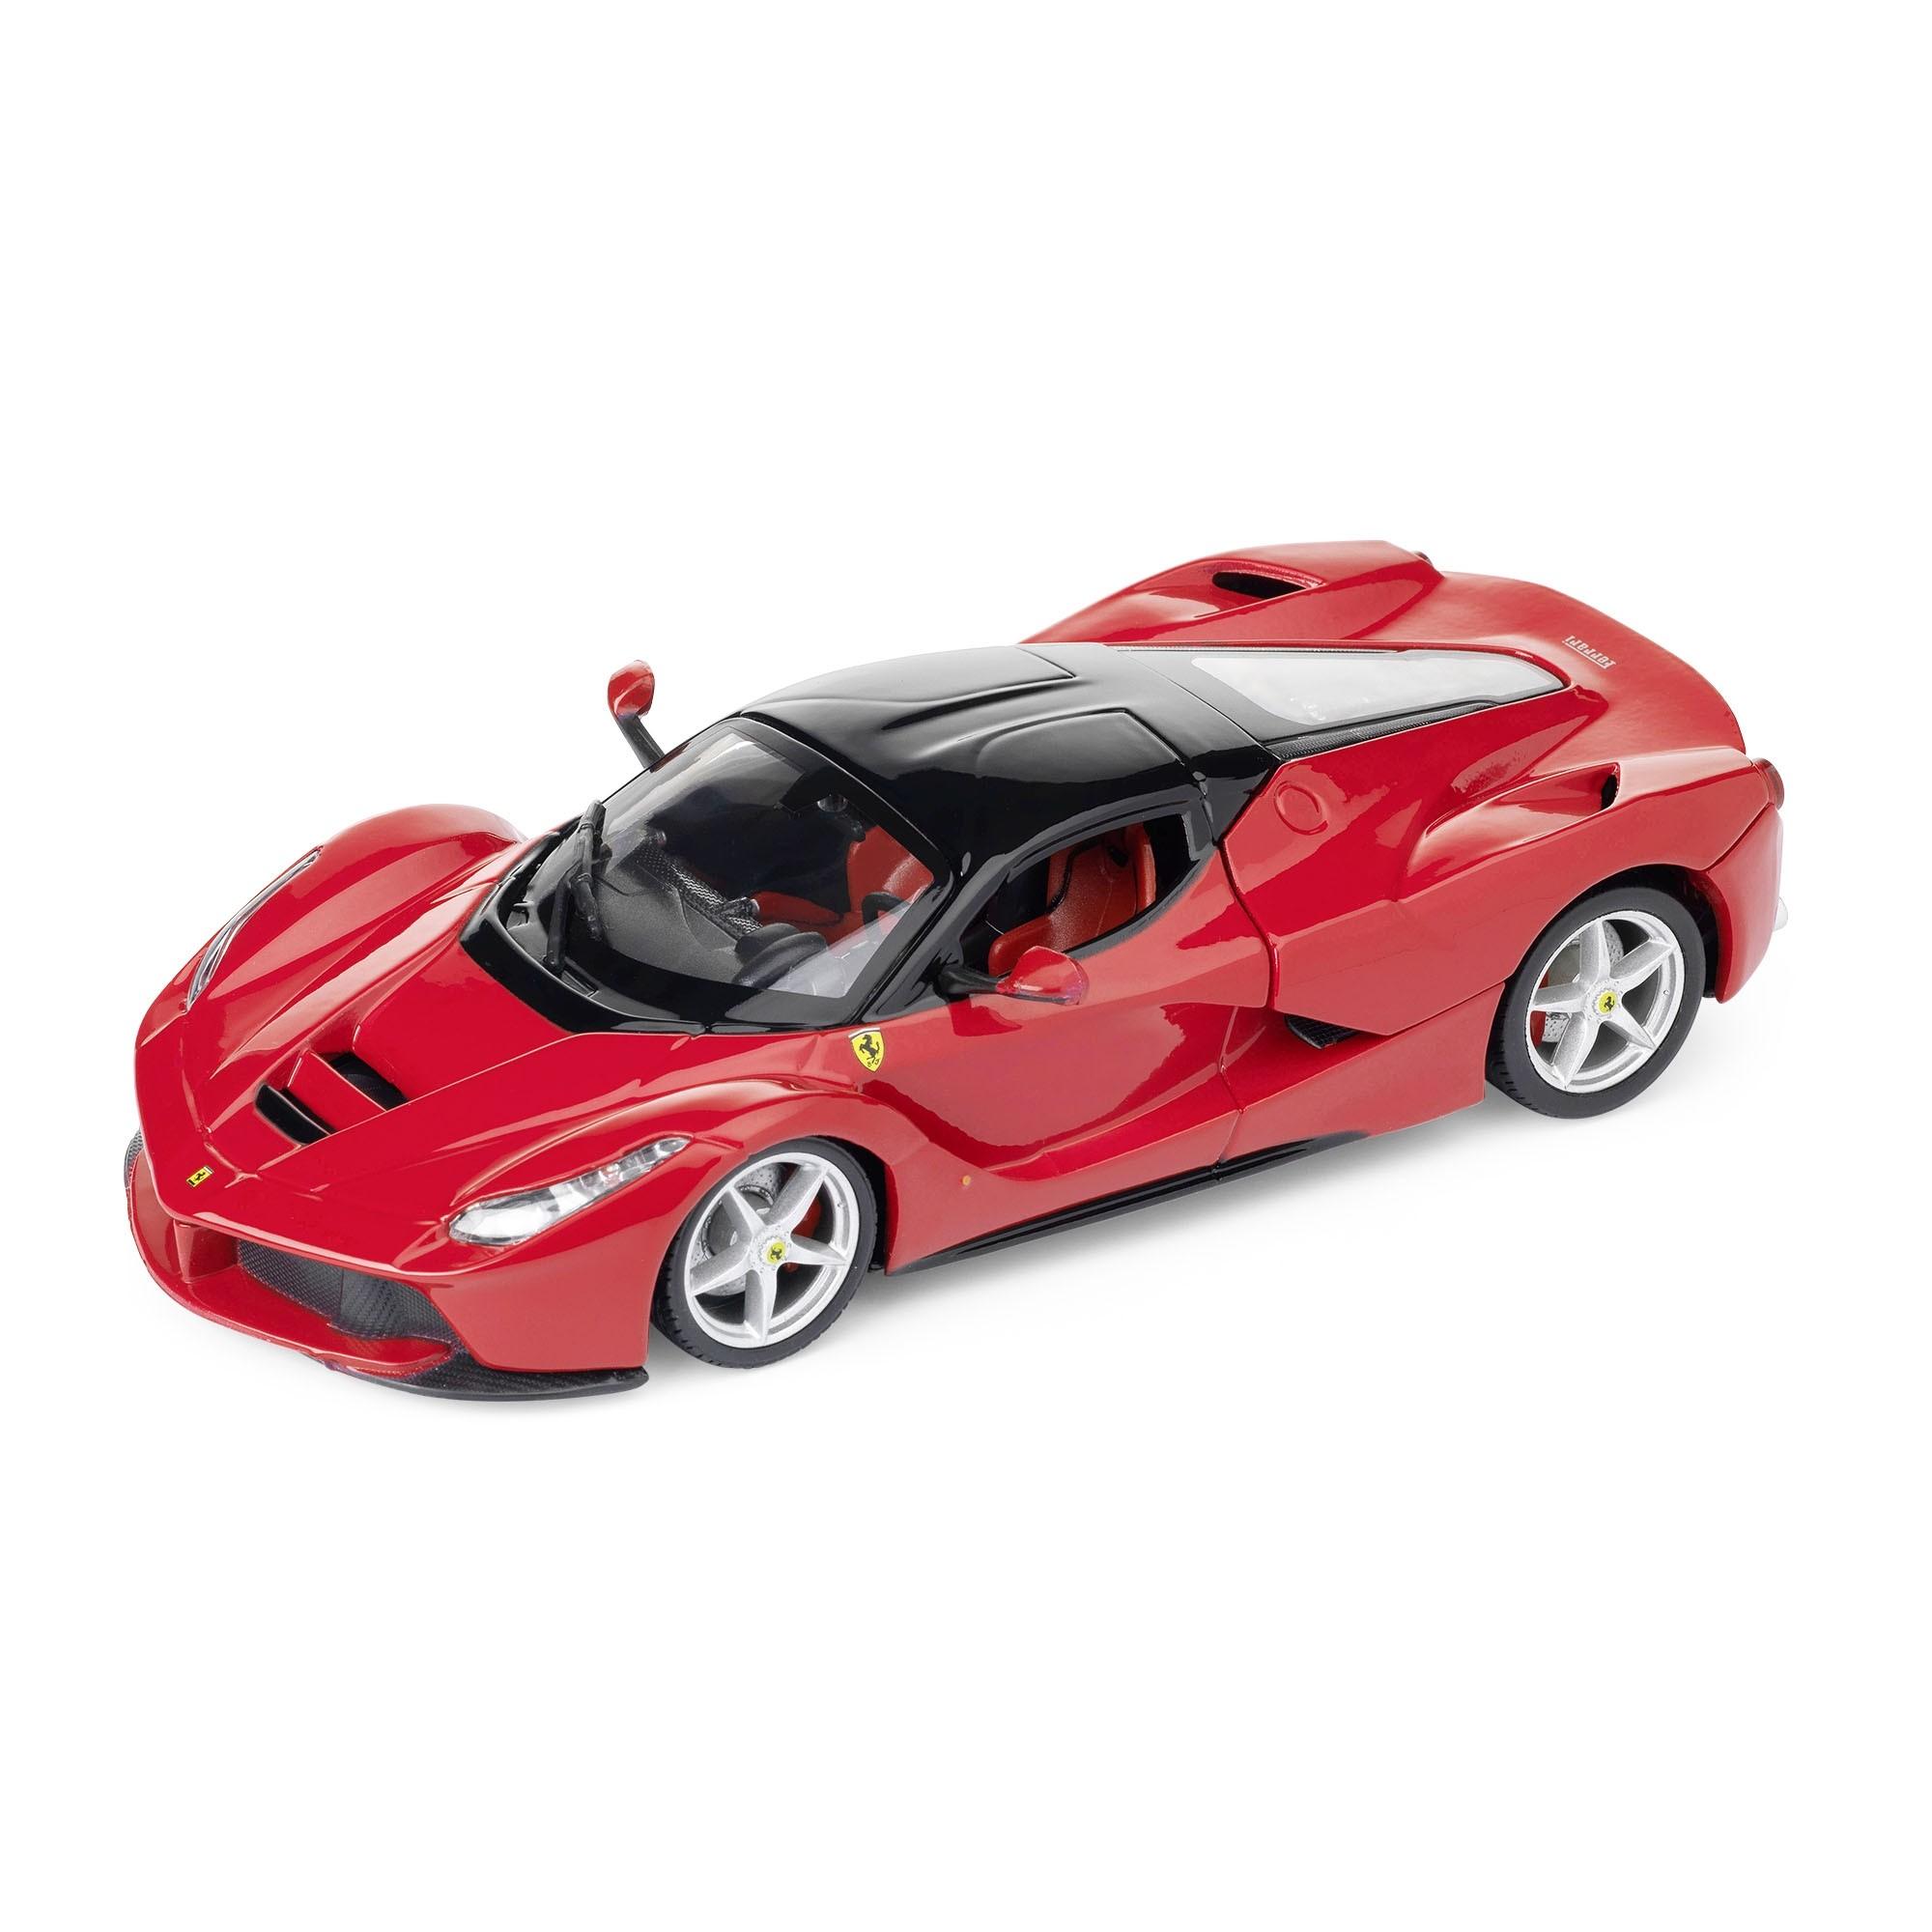 Bburago-Ferrari La Ferrari